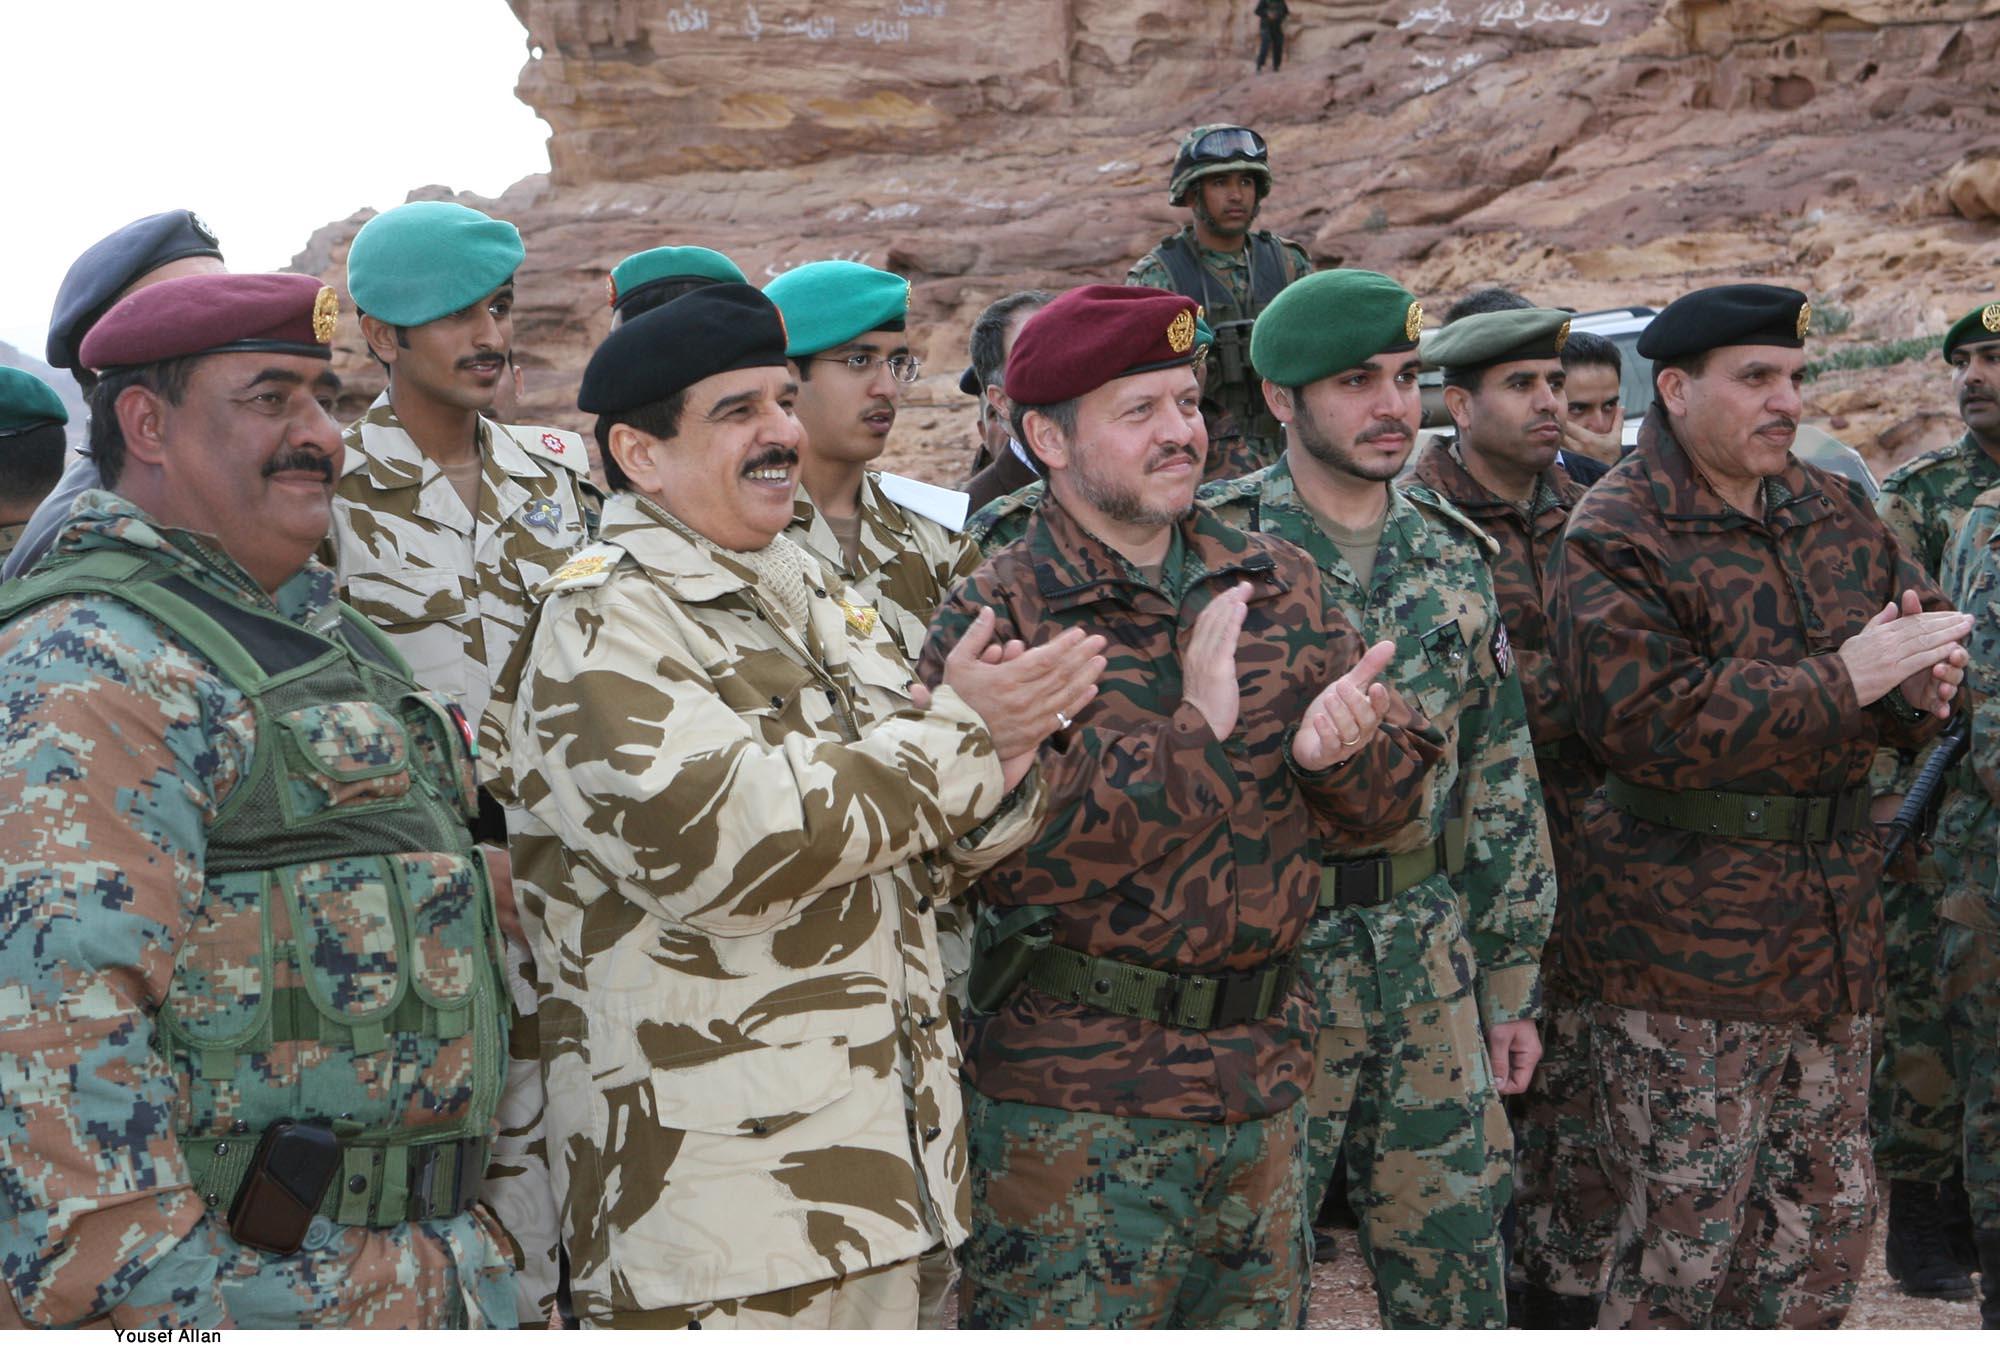 ملكا البحرين والاردن يزوران أحد مواقع التدريب في الاردن